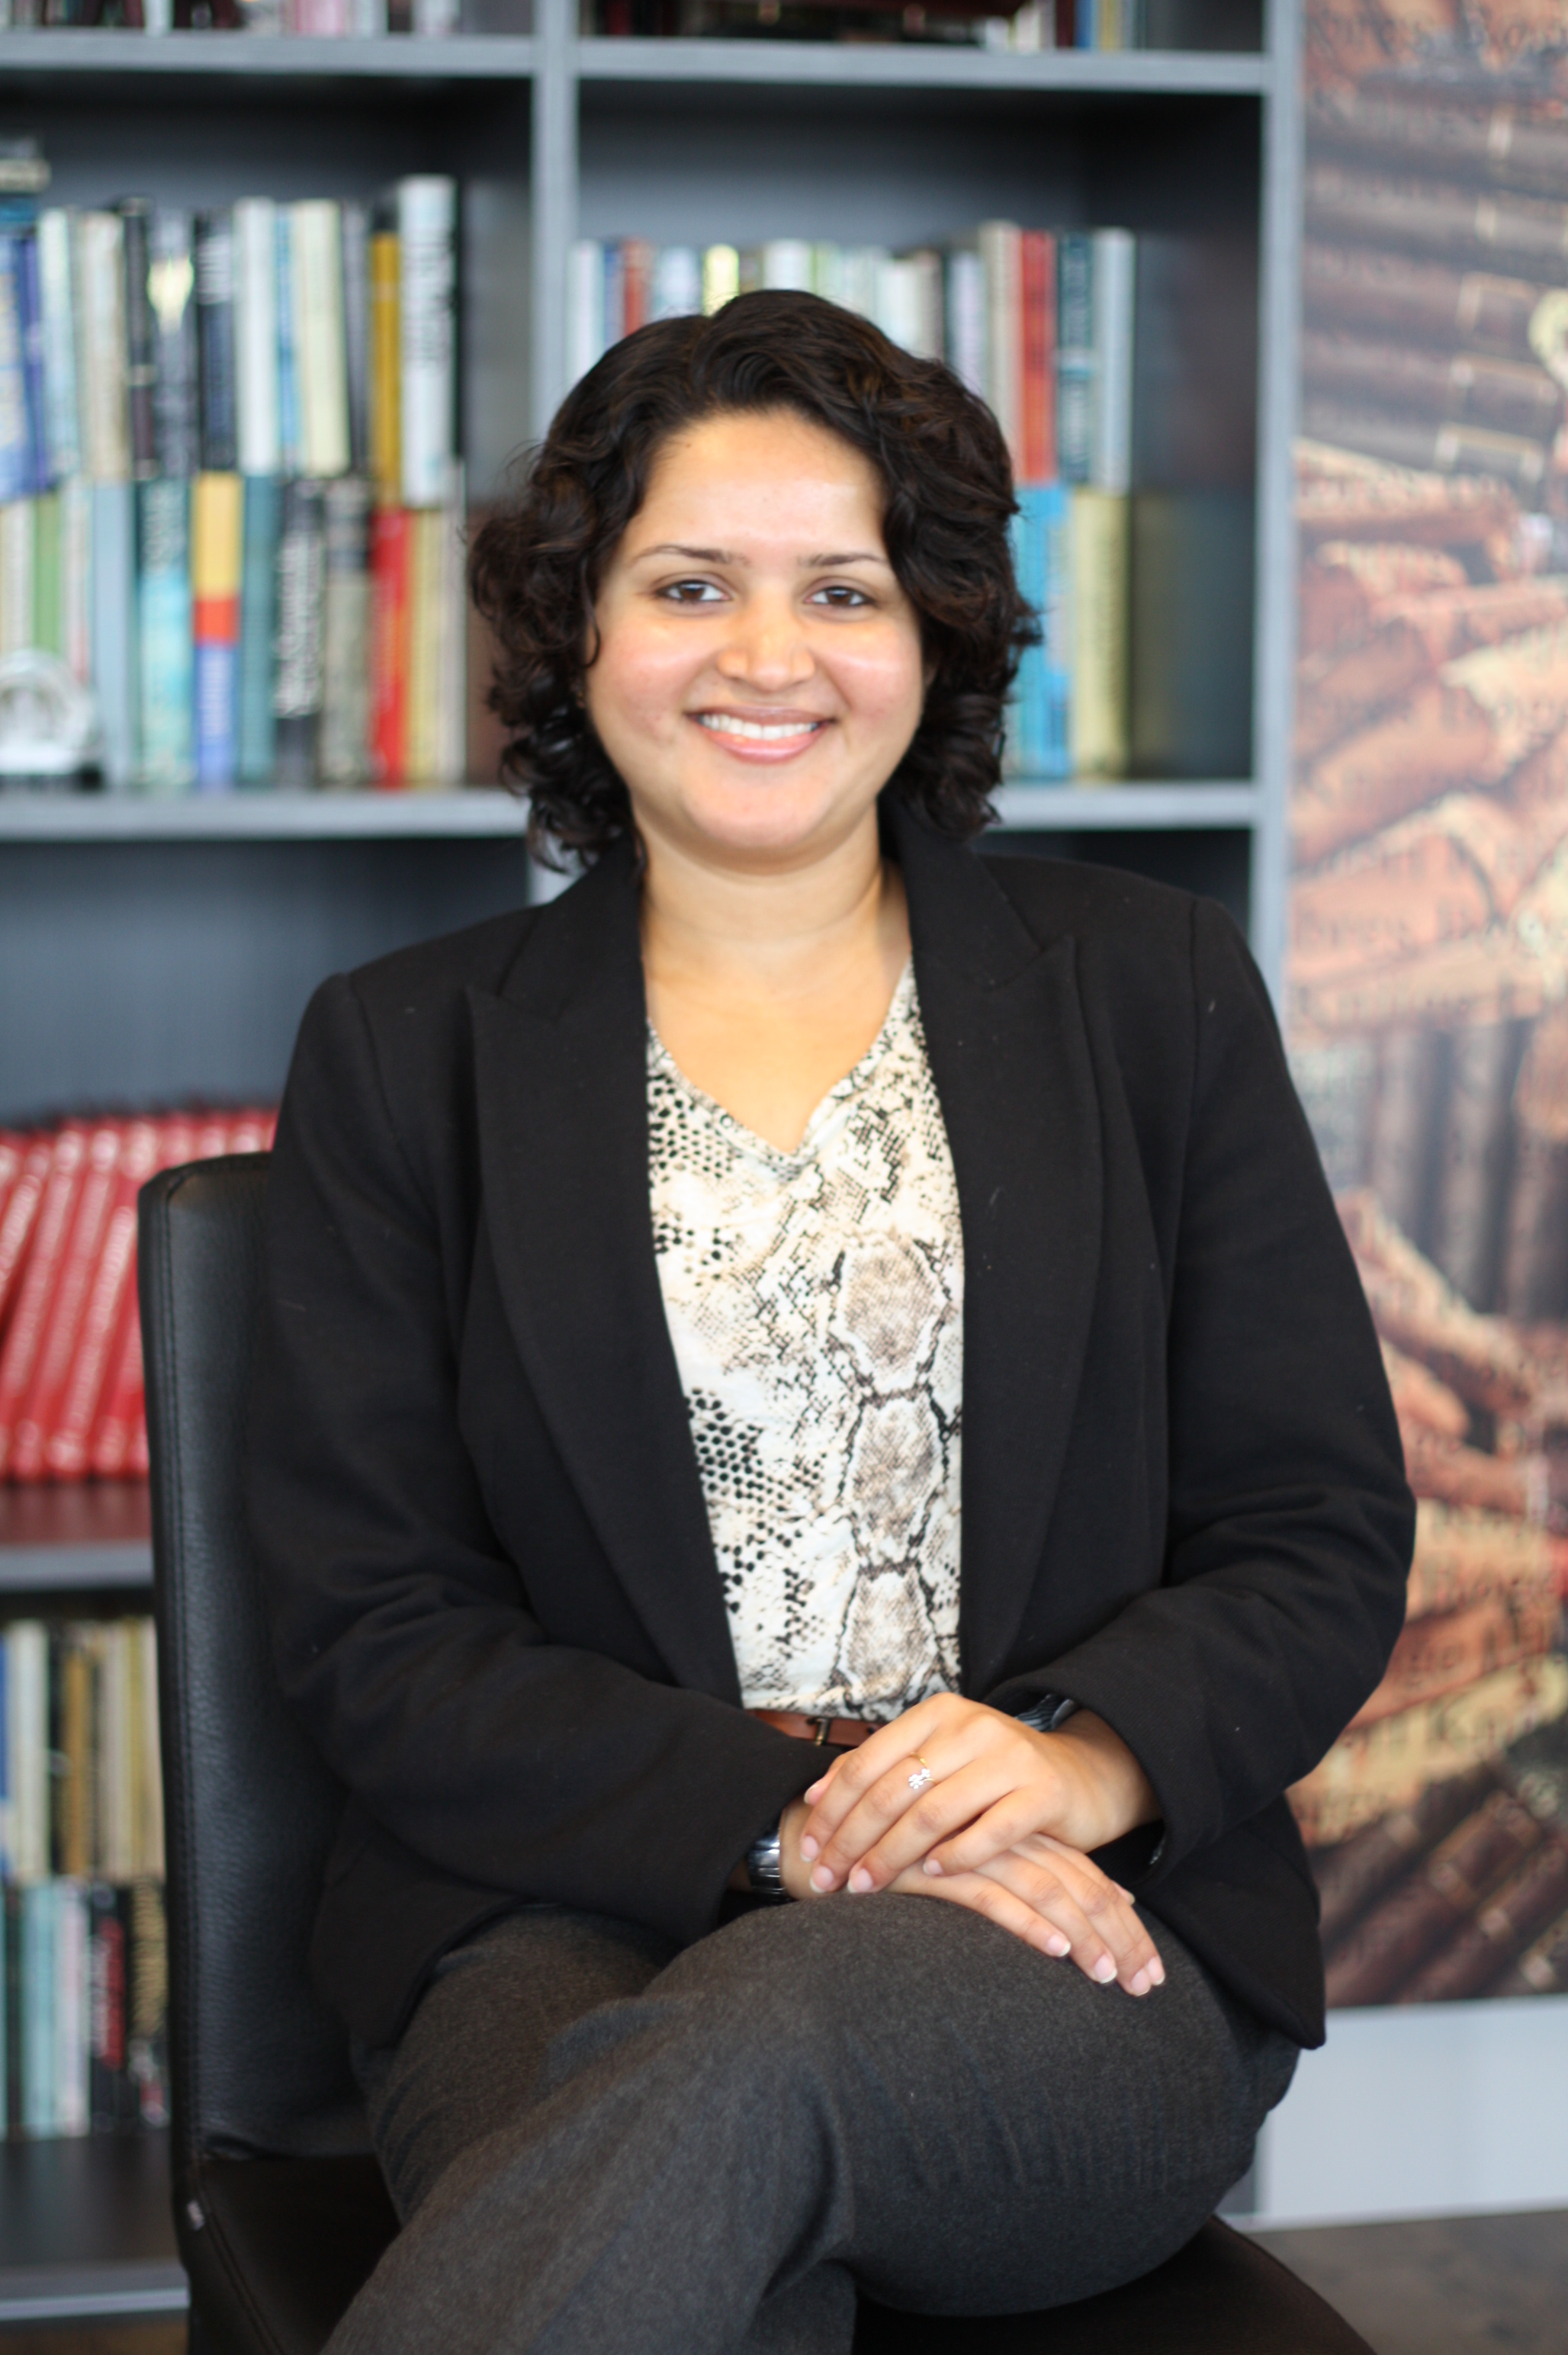 Nithya Venkataraman